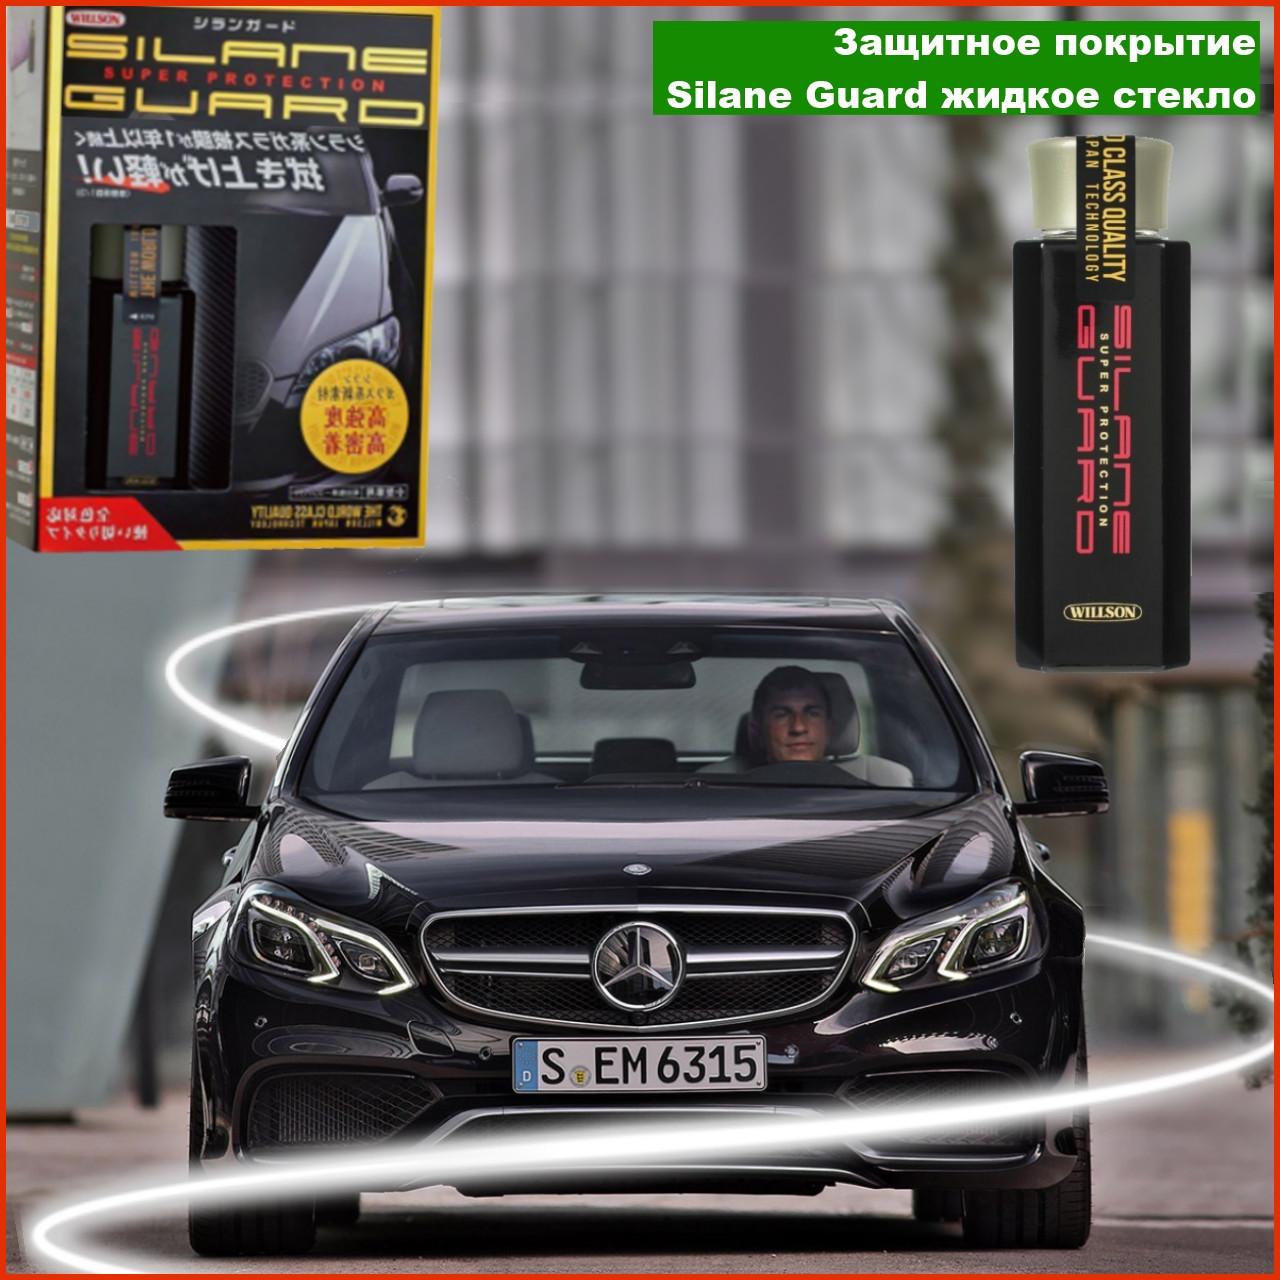 Жидкое стекло Willson Silane Guard устойчивое к царапинам для защиты кузова авто с водоотталкивающим эффектом